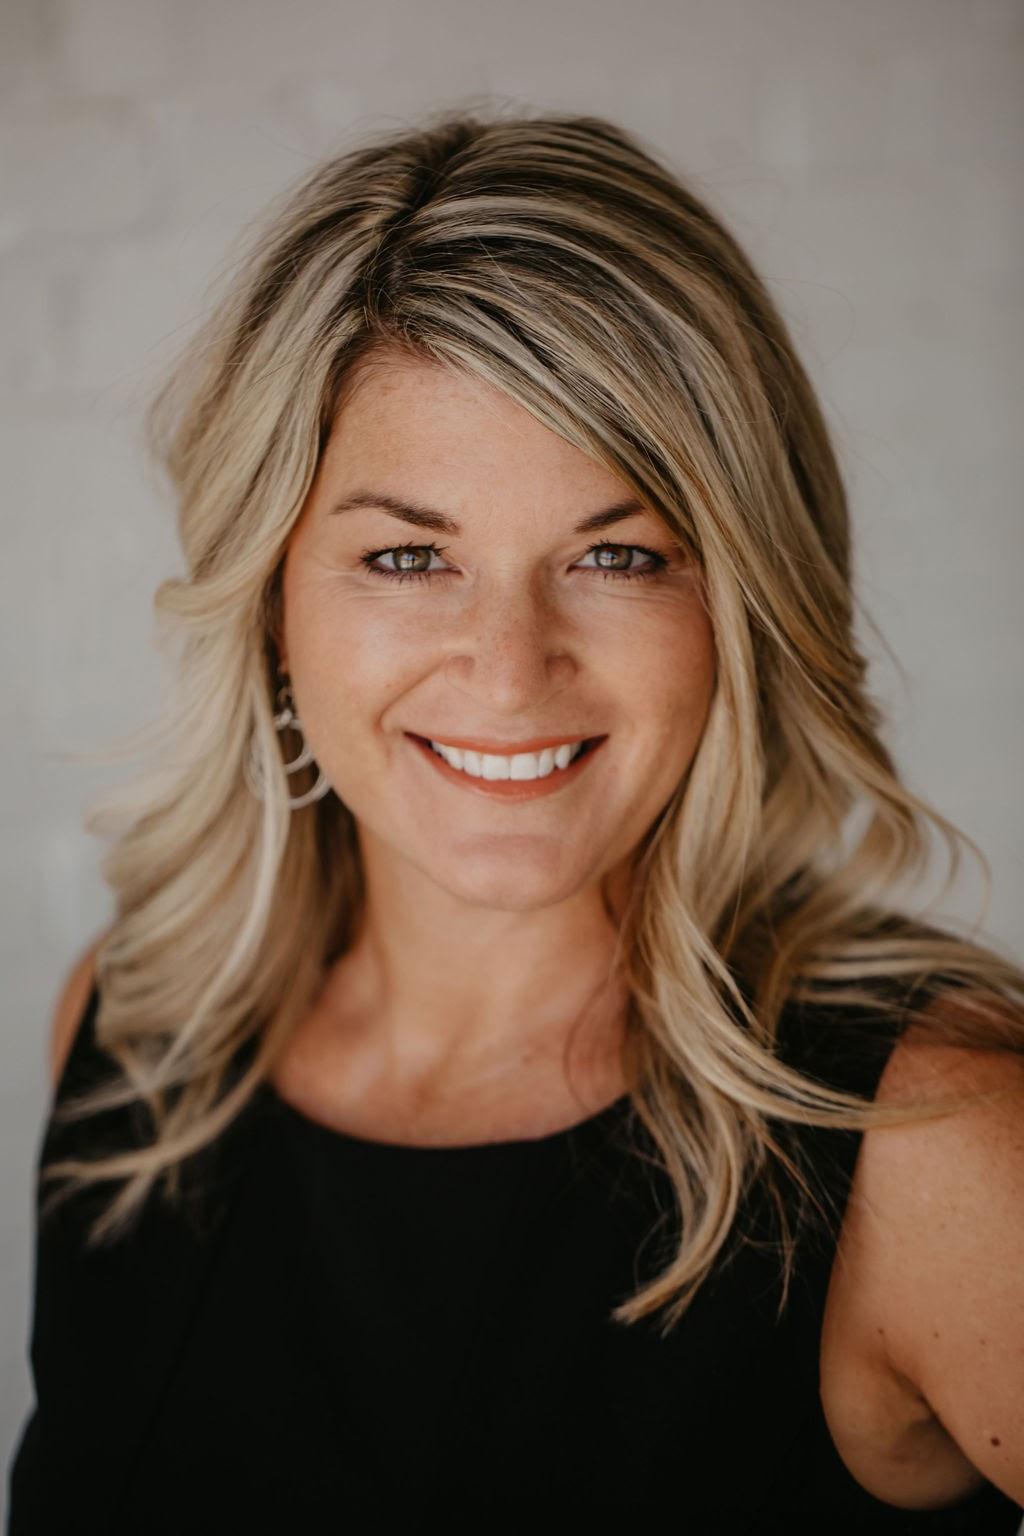 Monica Ritter